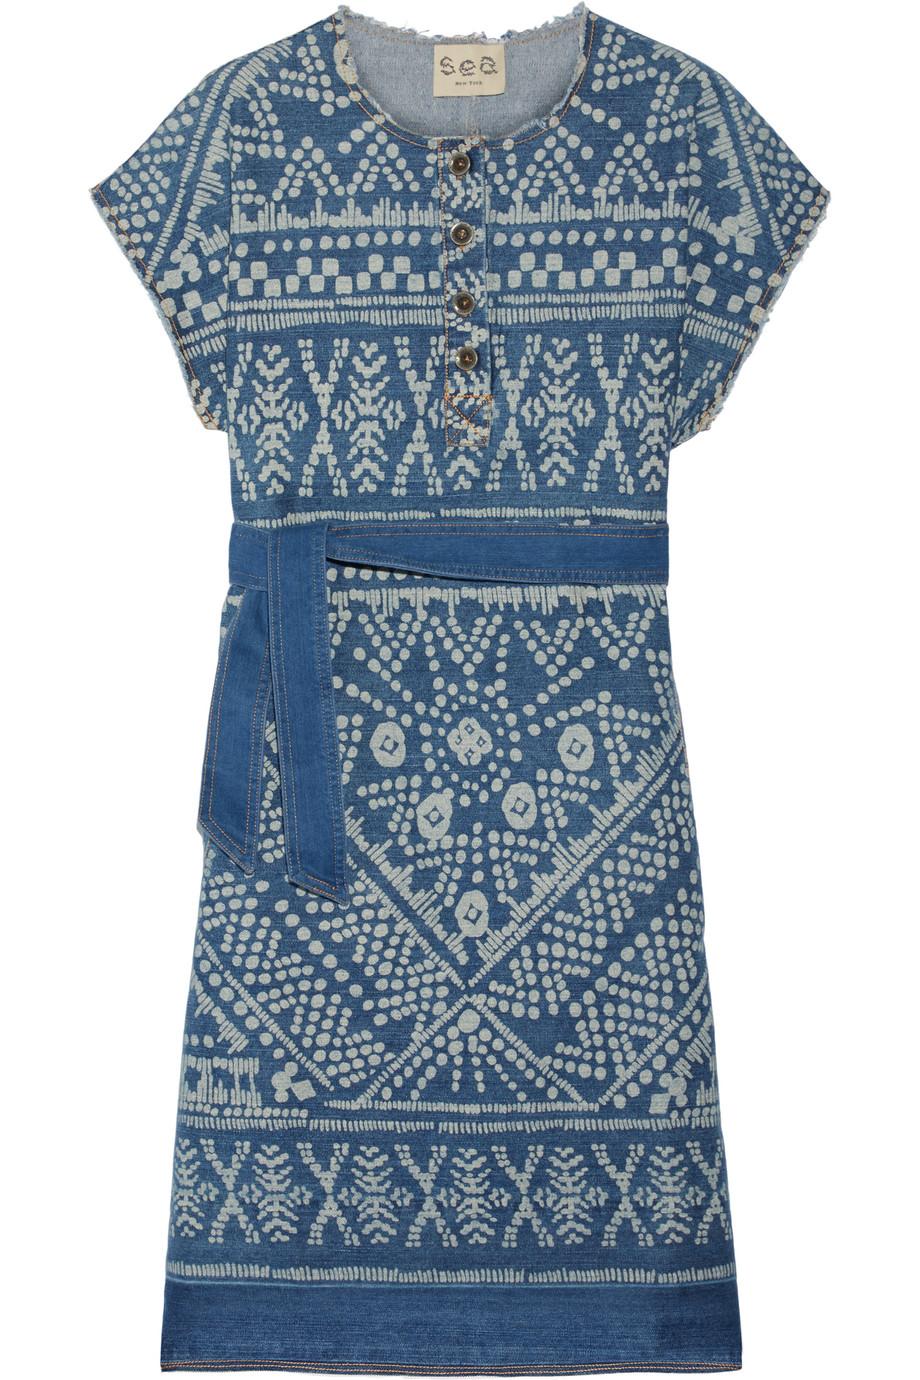 SEA Printed Denim Dress, Mid Denim, Women's - Printed